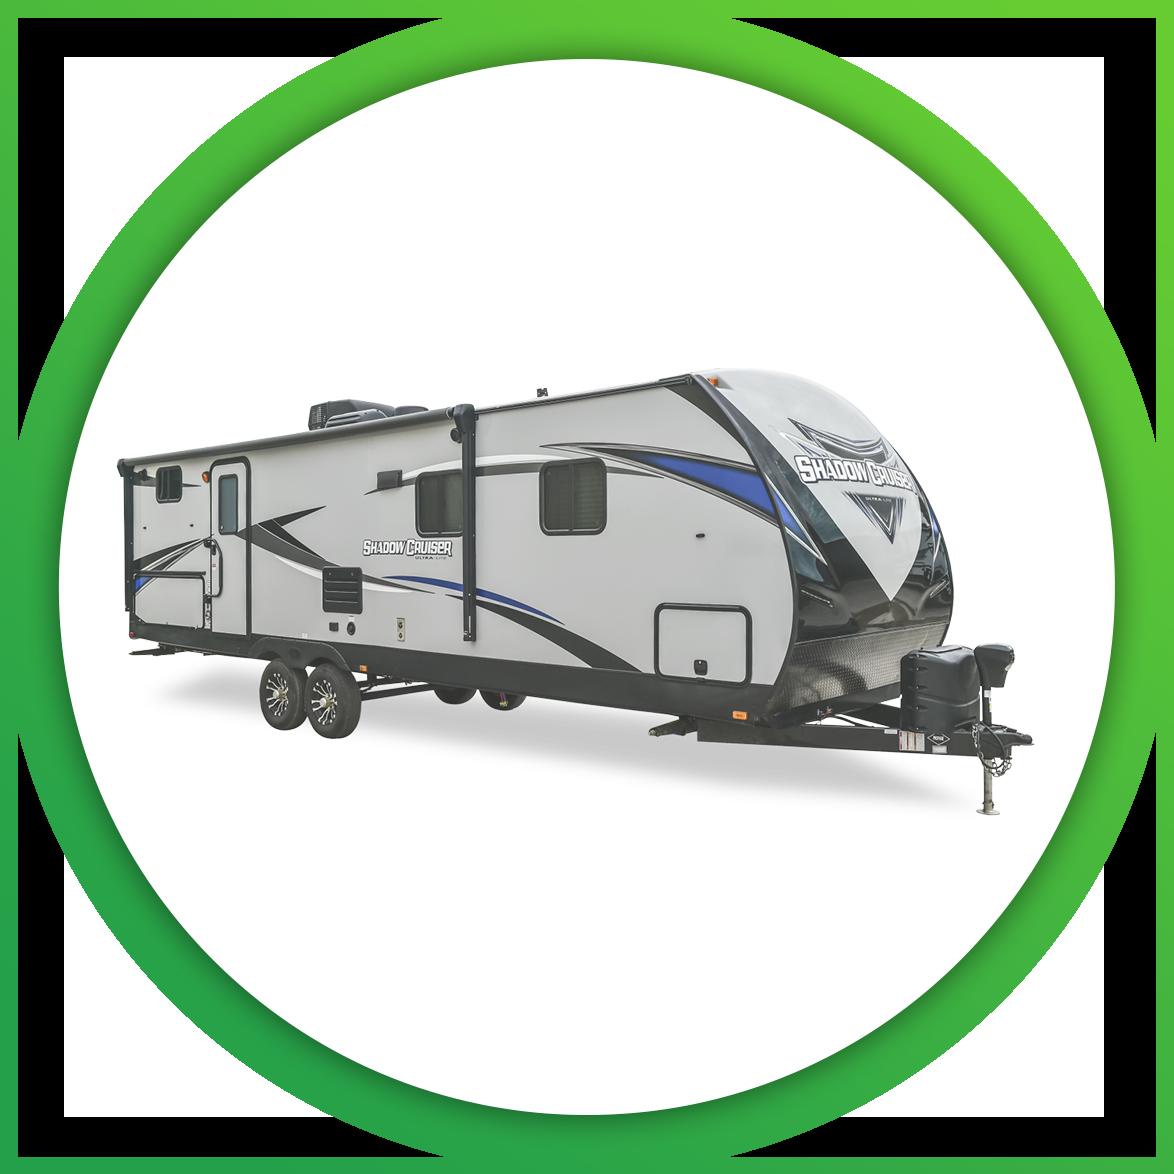 Ellipse-travel-trailer